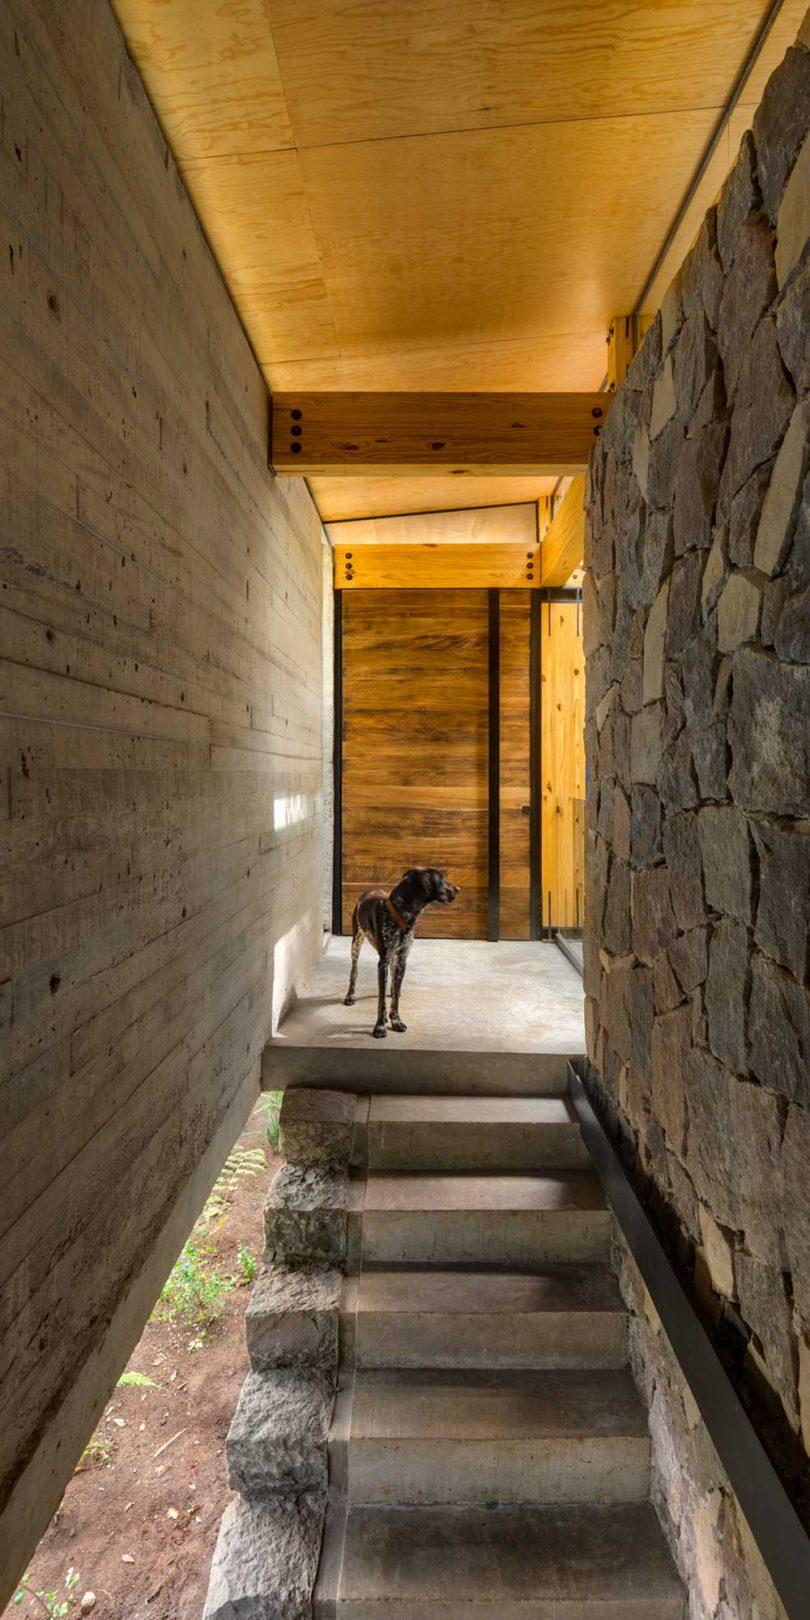 Escalera exterior a la entrada de la casa moderna